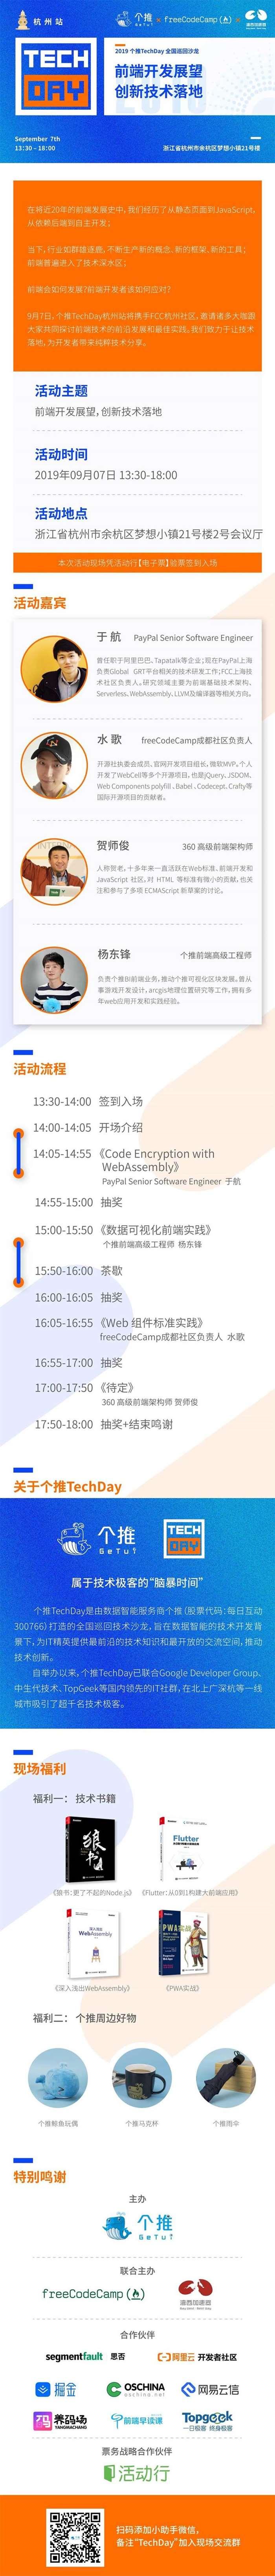 20190819-个推TechDay线上详情长图-杭州站-陈云峥.jpg